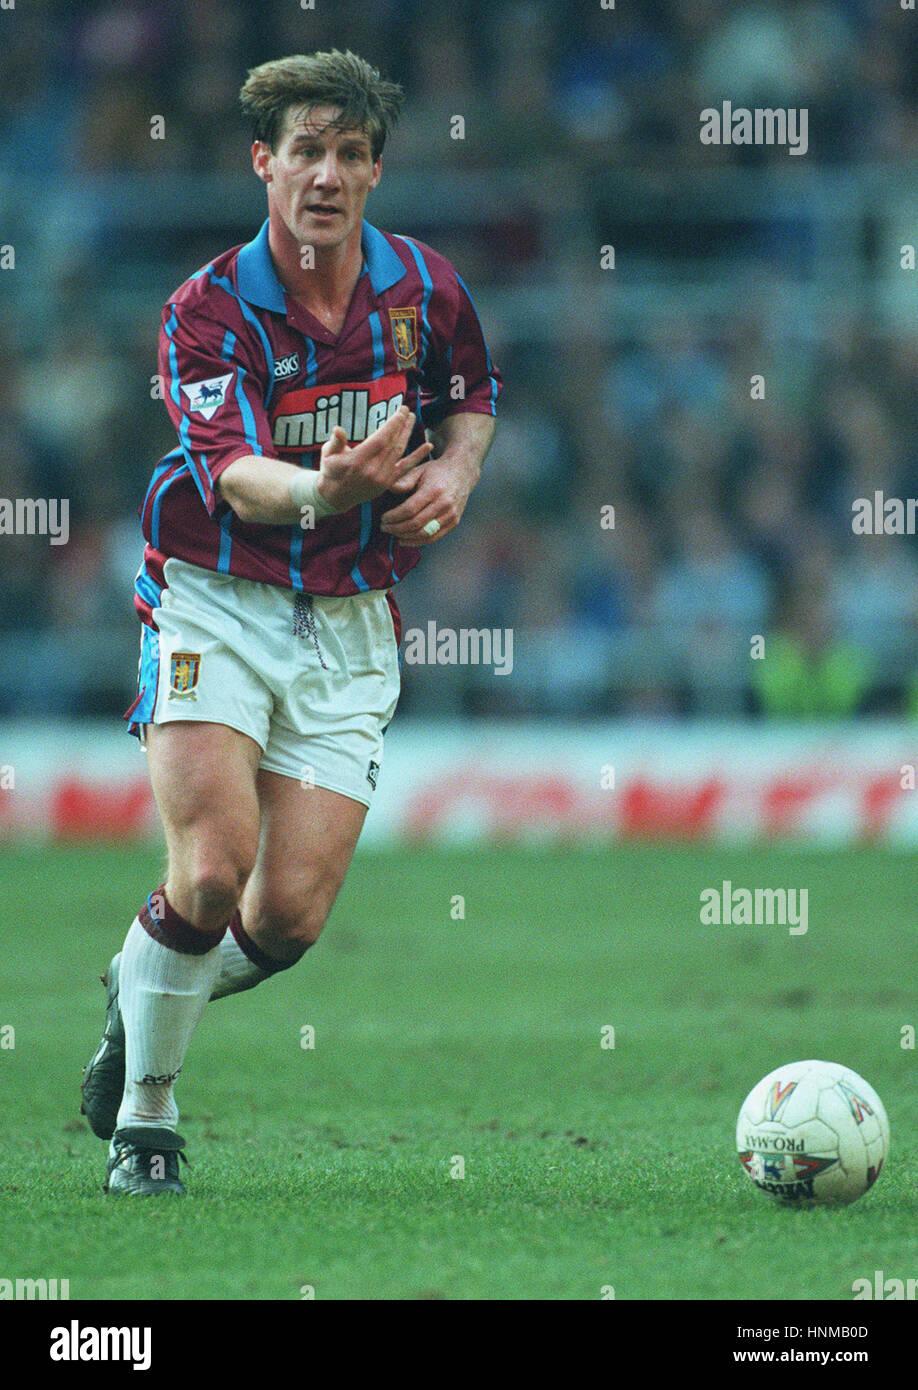 SHAUN TEALE ASTON VILLA FC 02 March 1995 - Stock Image